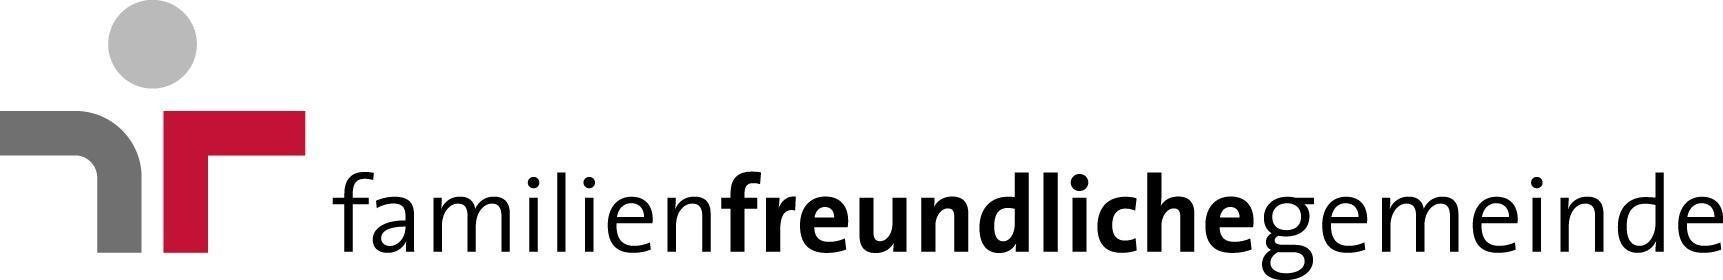 5.1_Logo familienfreundlichegemeinde.jpg